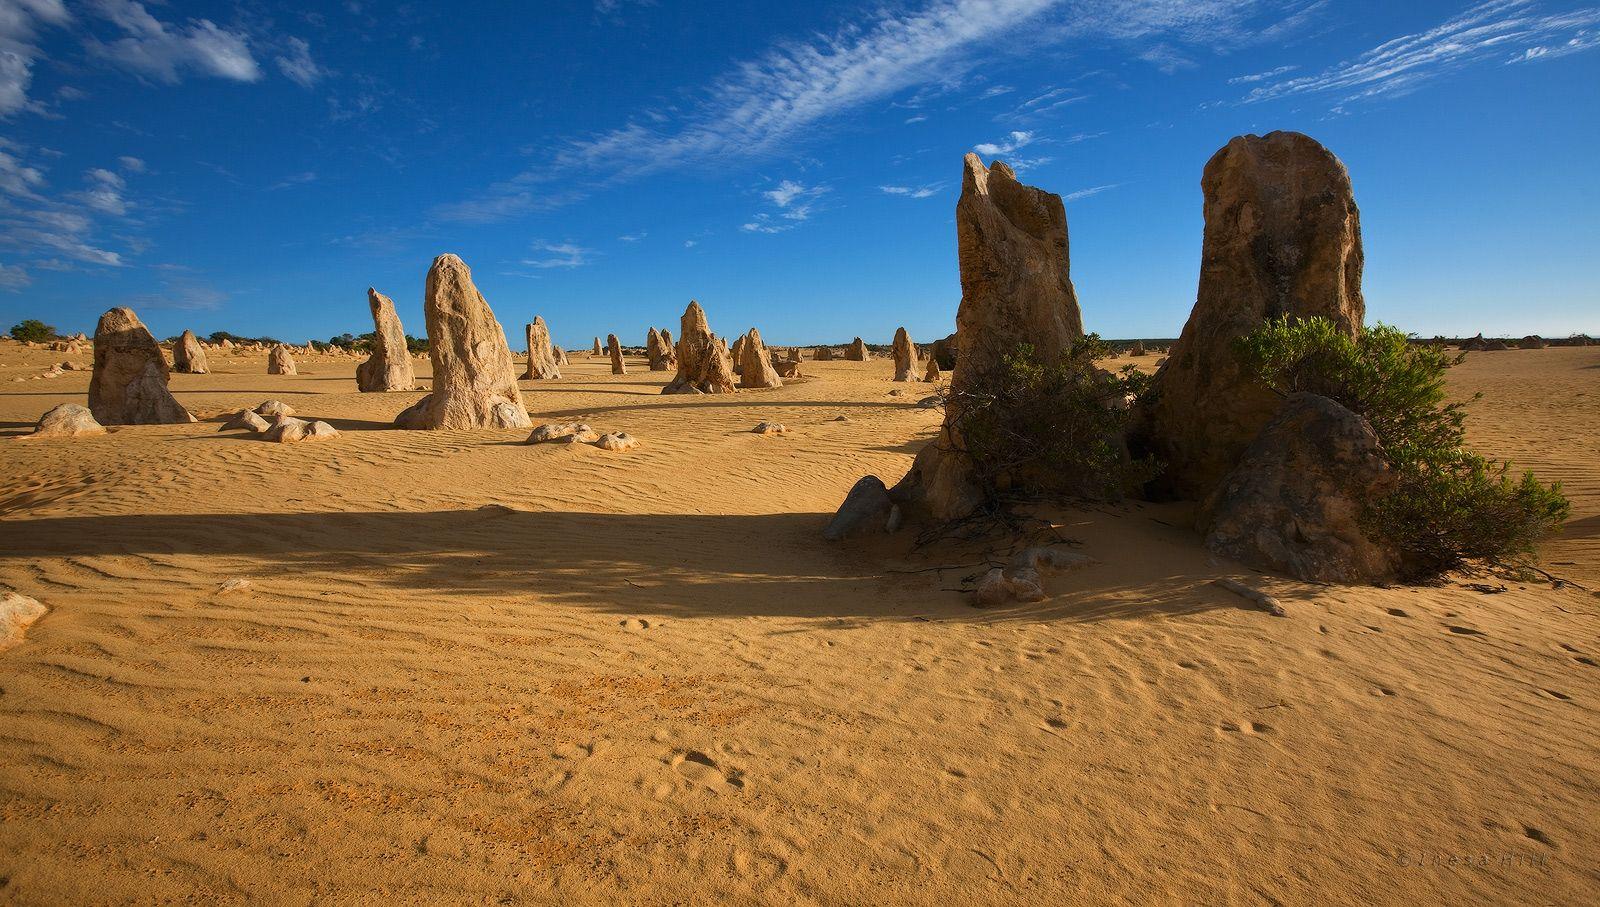 9. Что интересно, Пустыню башенок со всех сторон окружают дюны из белого песка и только на самой территории Pinnacle Desert песок сочного желто-оранжевого цвета. Совсем близко к Западу от Pinnacle Desert, примерно в 1,5-2-х километрах, простирается Индийский океан